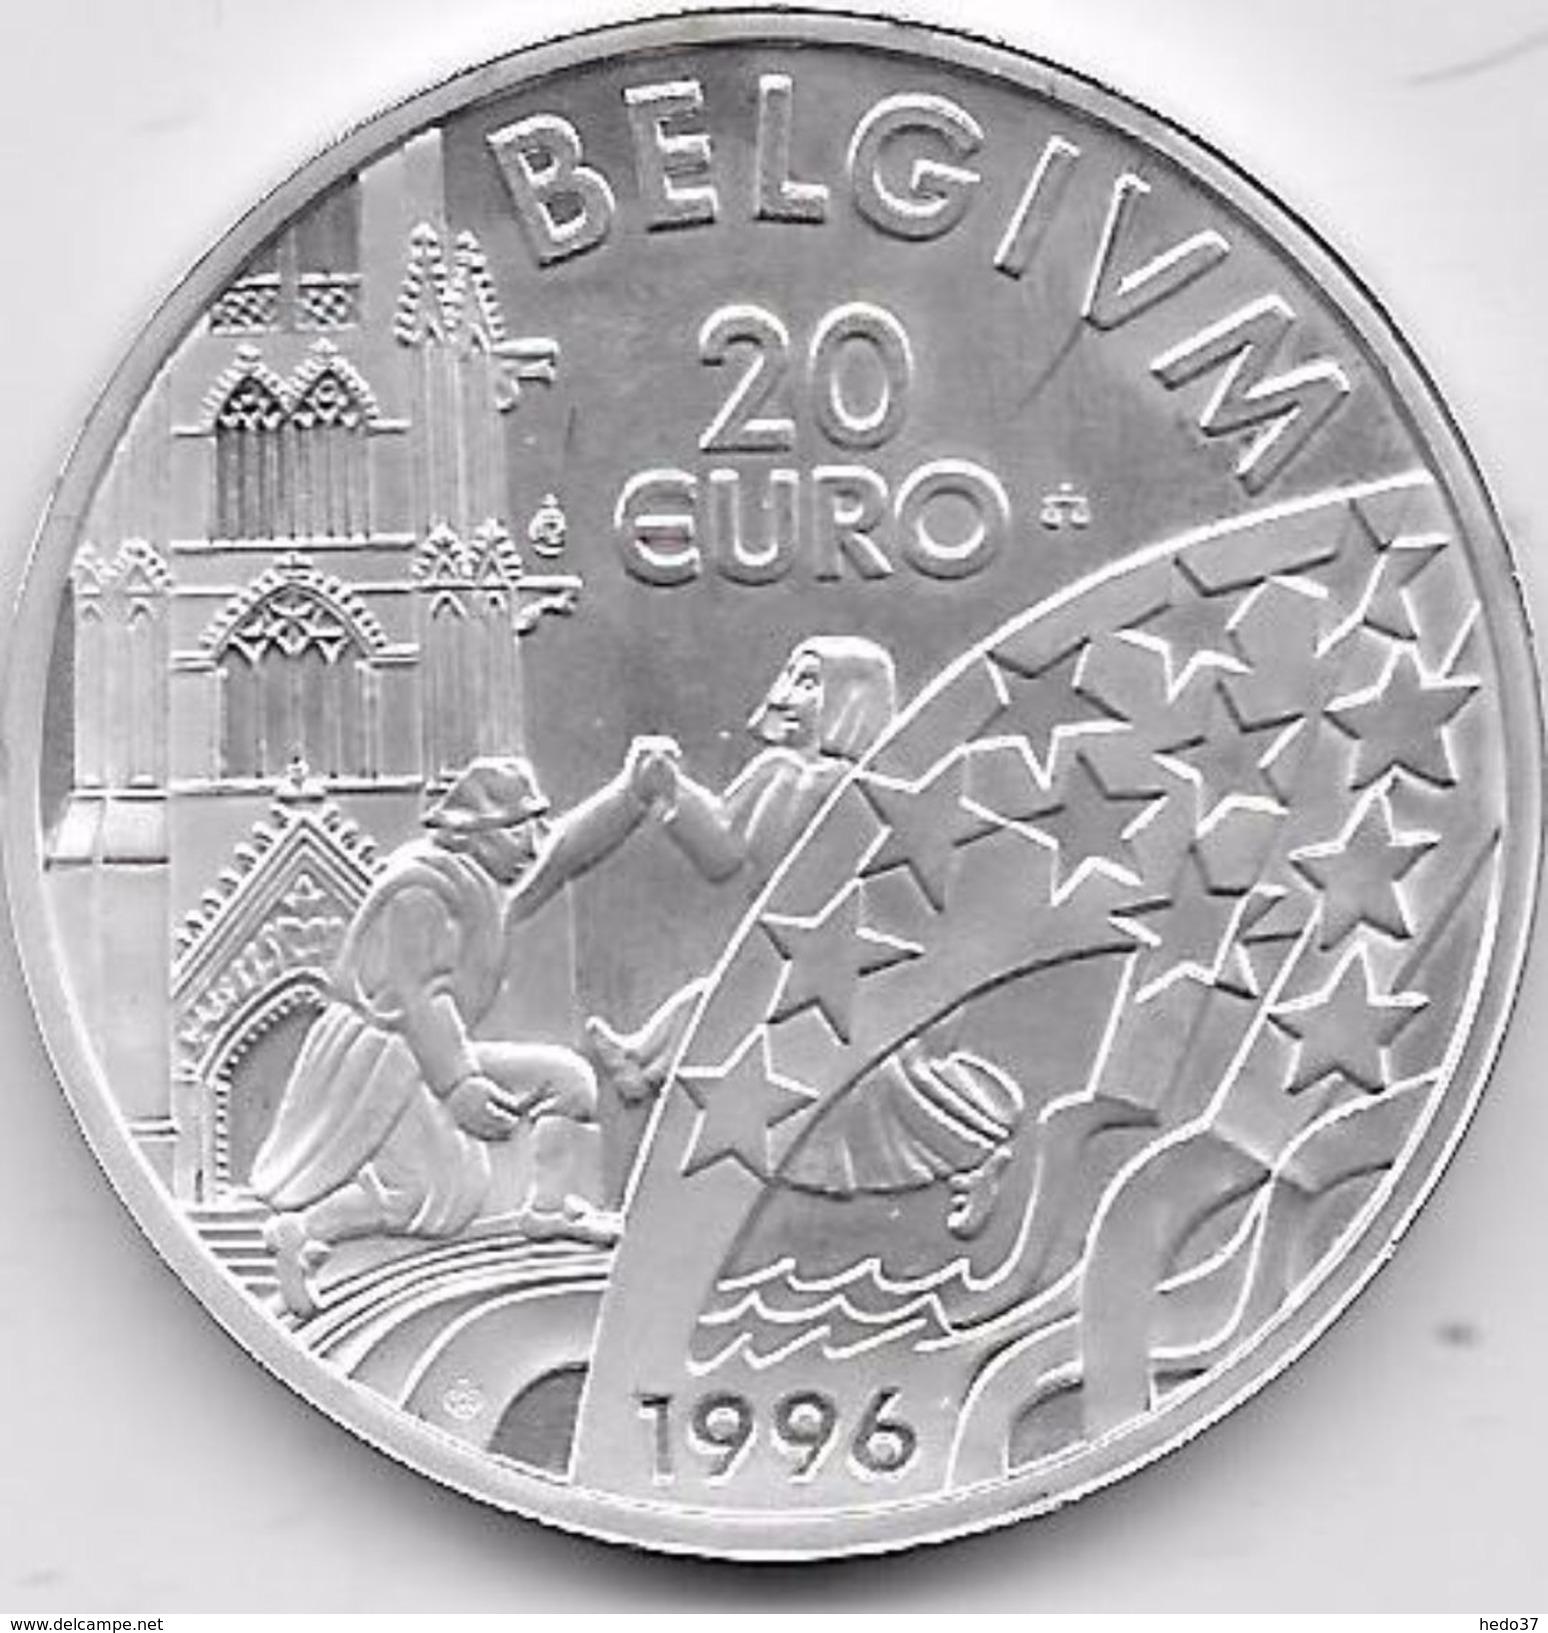 Belgique - 20 Euros 1996 - Argent - Belgique